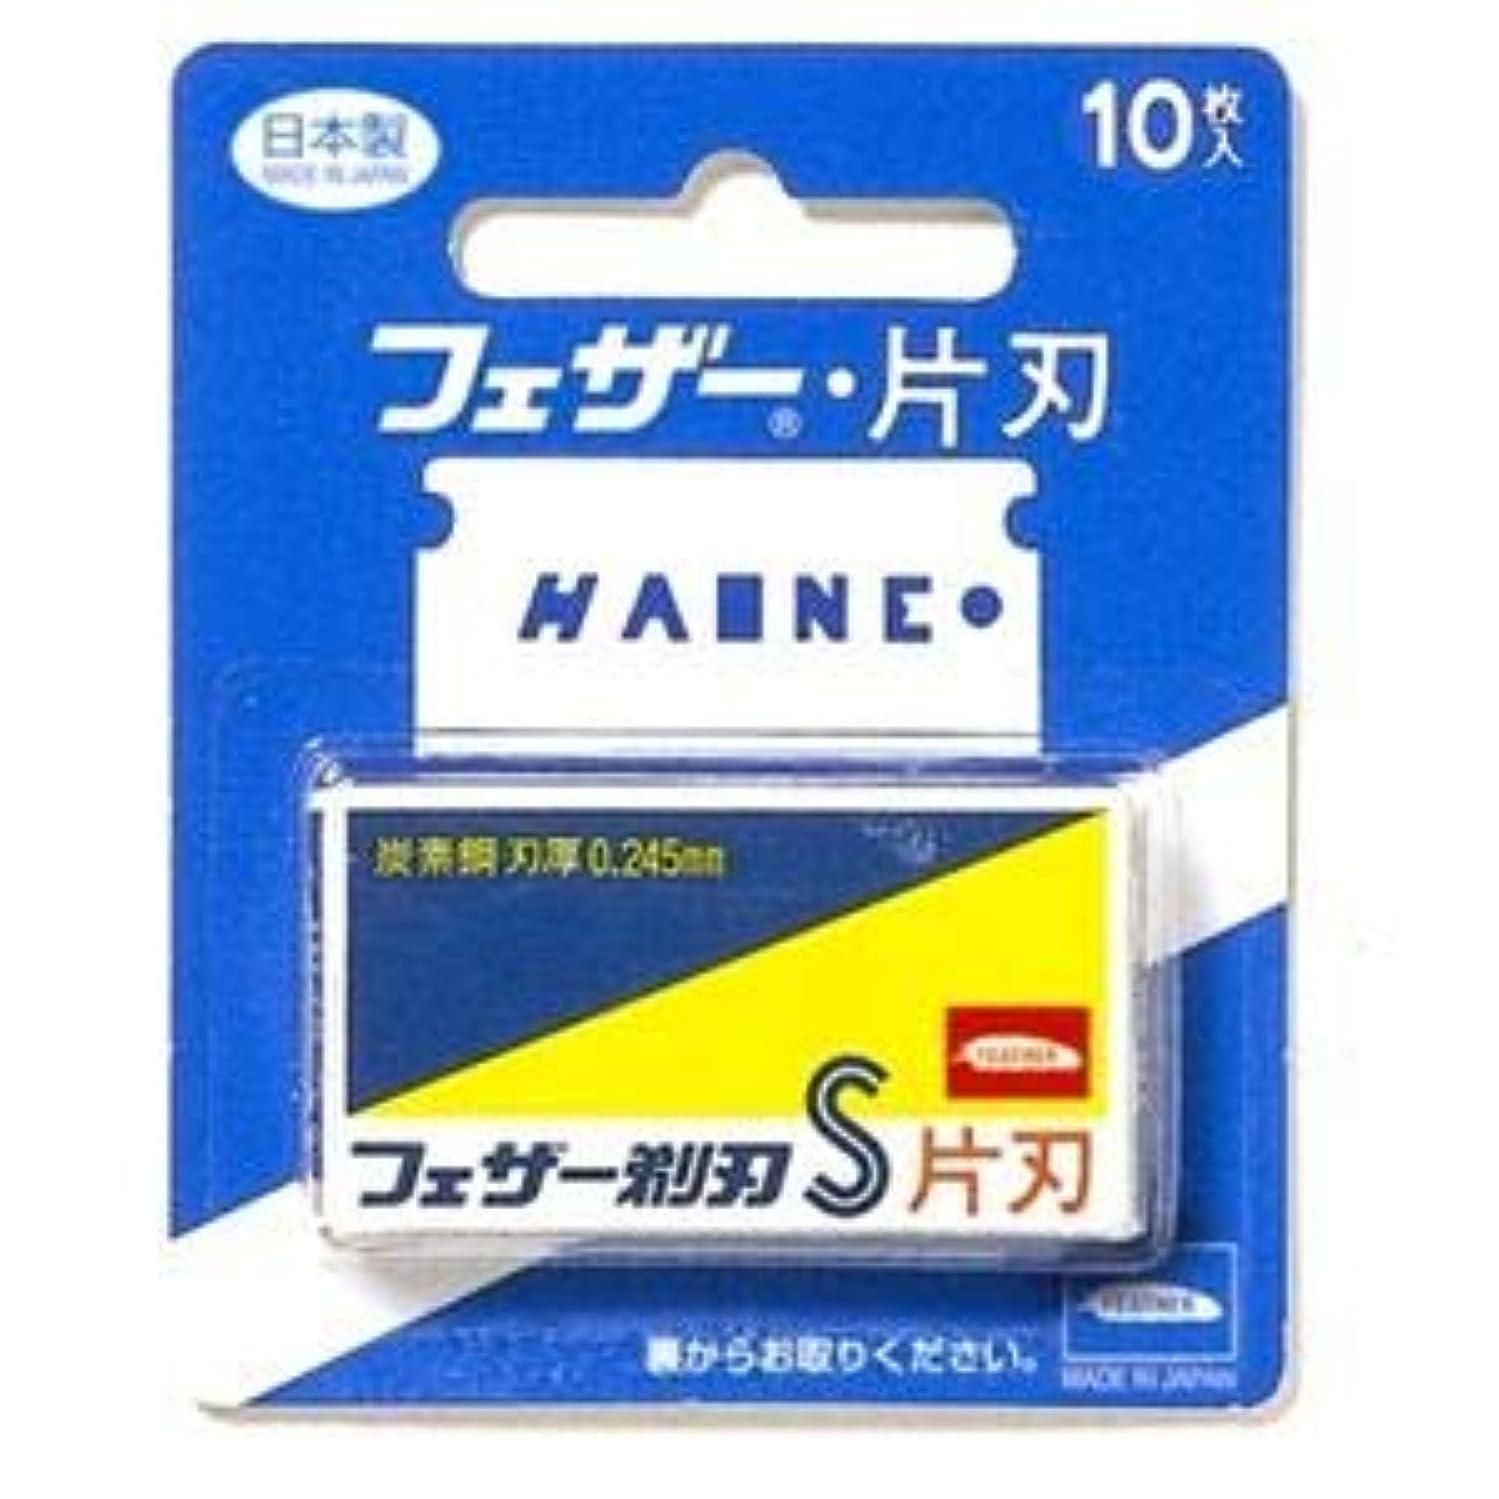 スポンジ広げるセクタ(まとめ)フェザー安全剃刃 青函片刃 10枚入 【×12点セット】